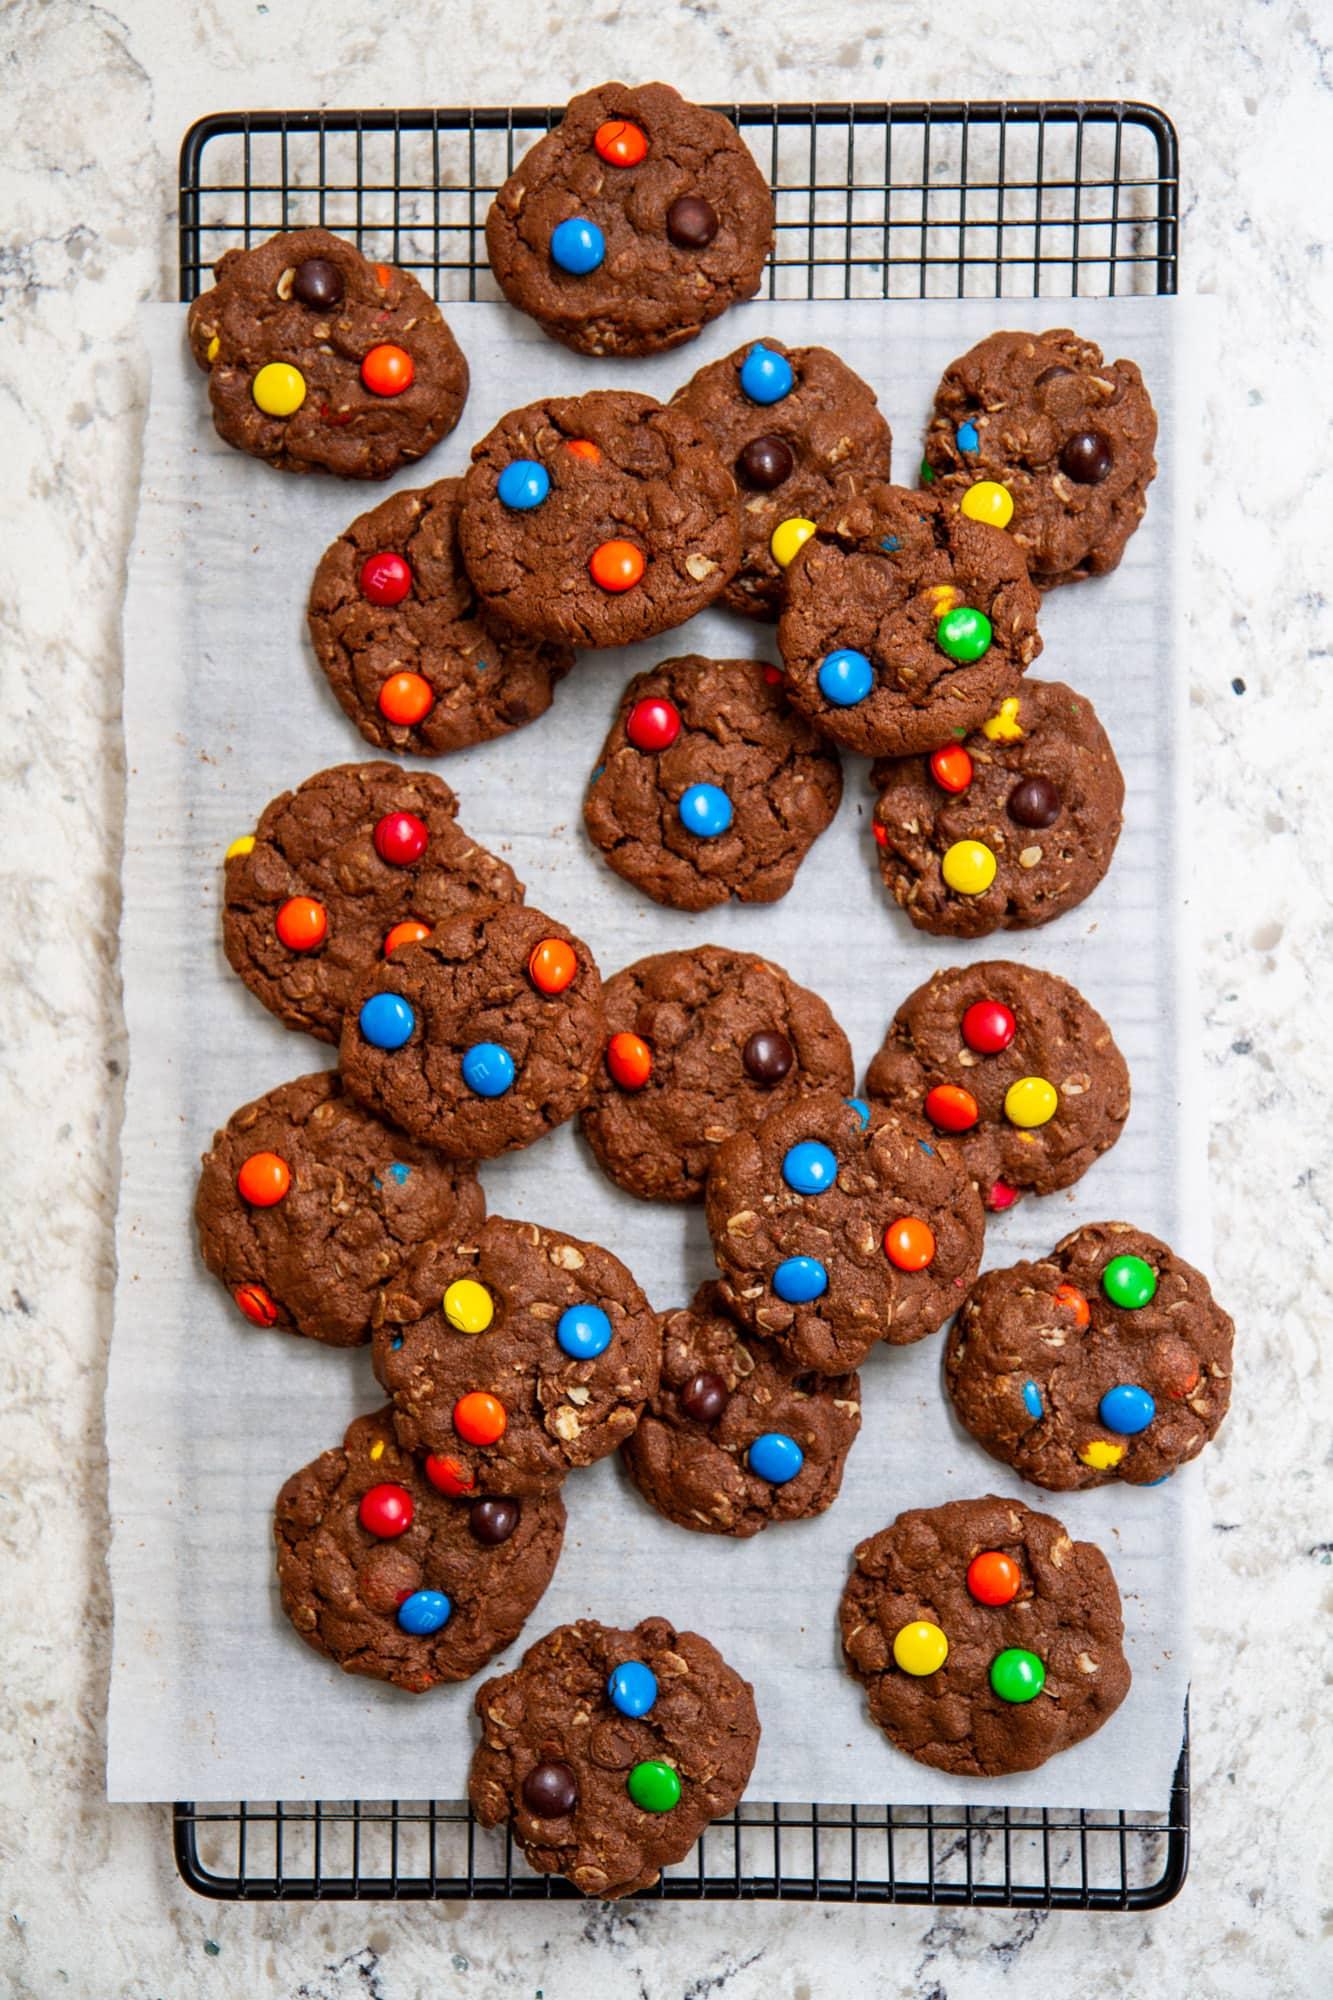 brownie monster cookies on cooling rack